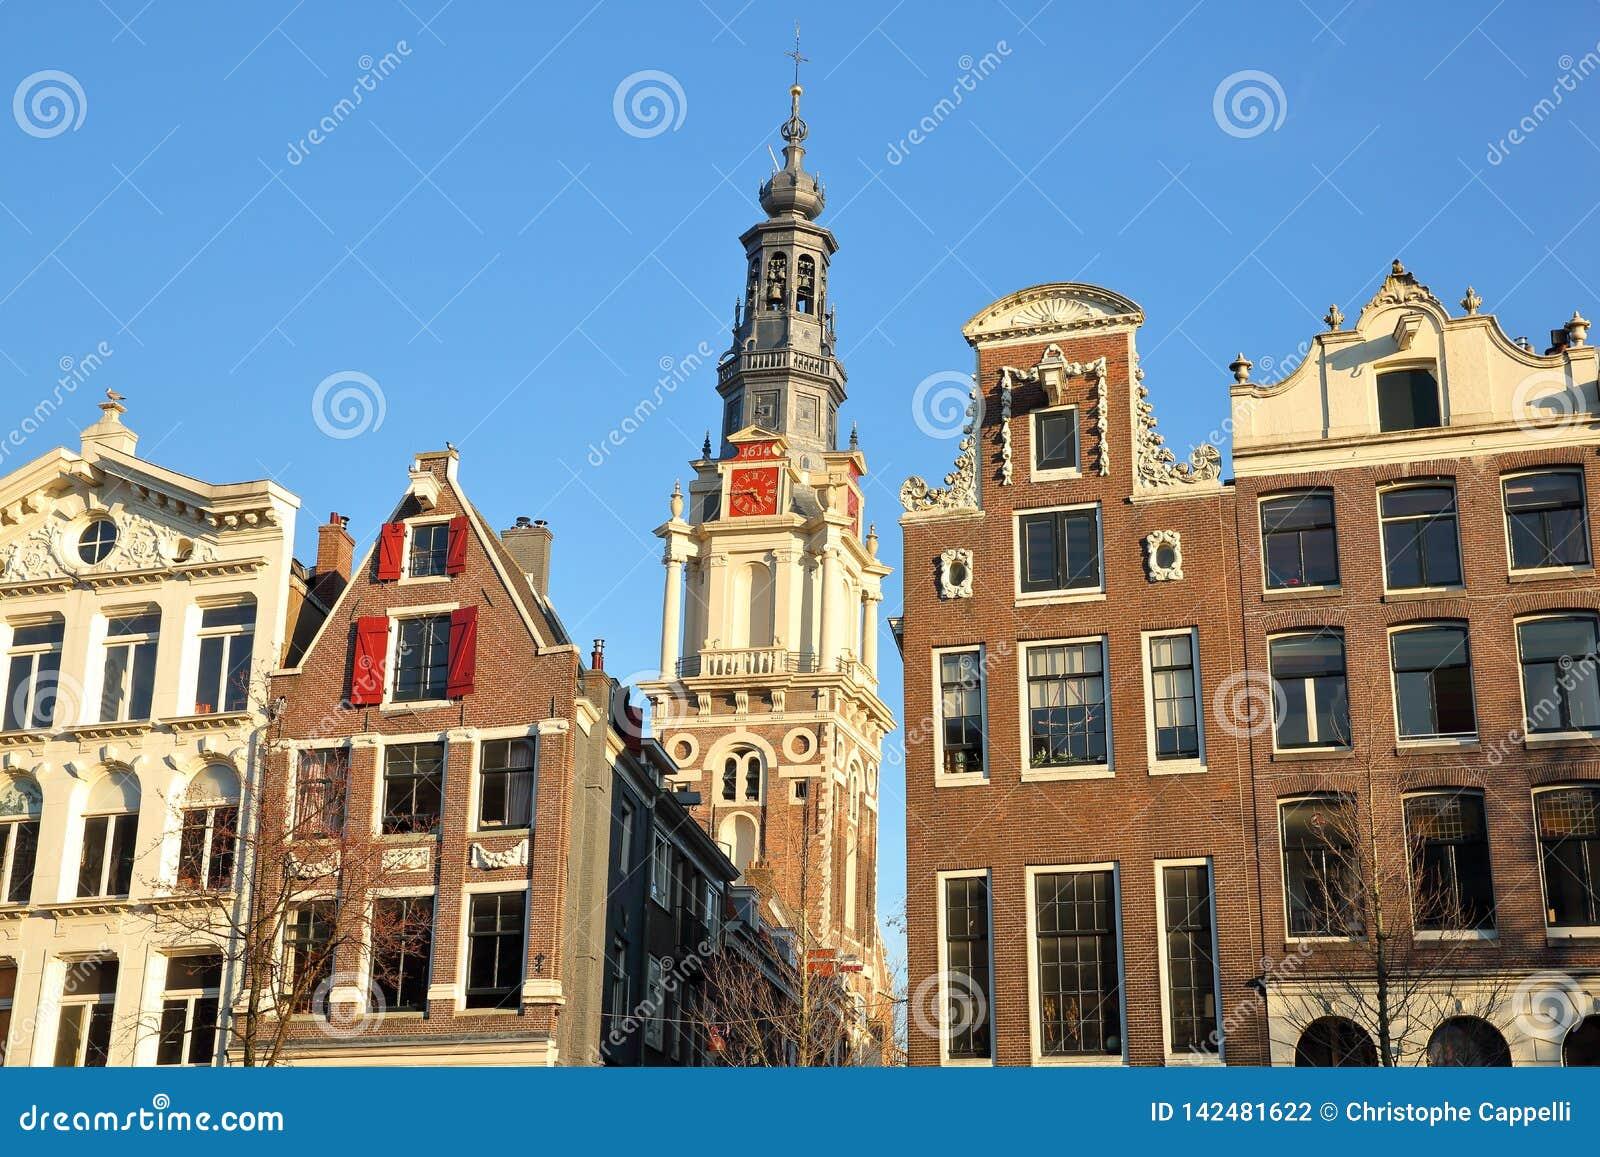 Bâtiments tordus et colorés d héritage, situés le long du canal de Kloveniersburgwal, avec le clocktower d église de Zuiderkerk d